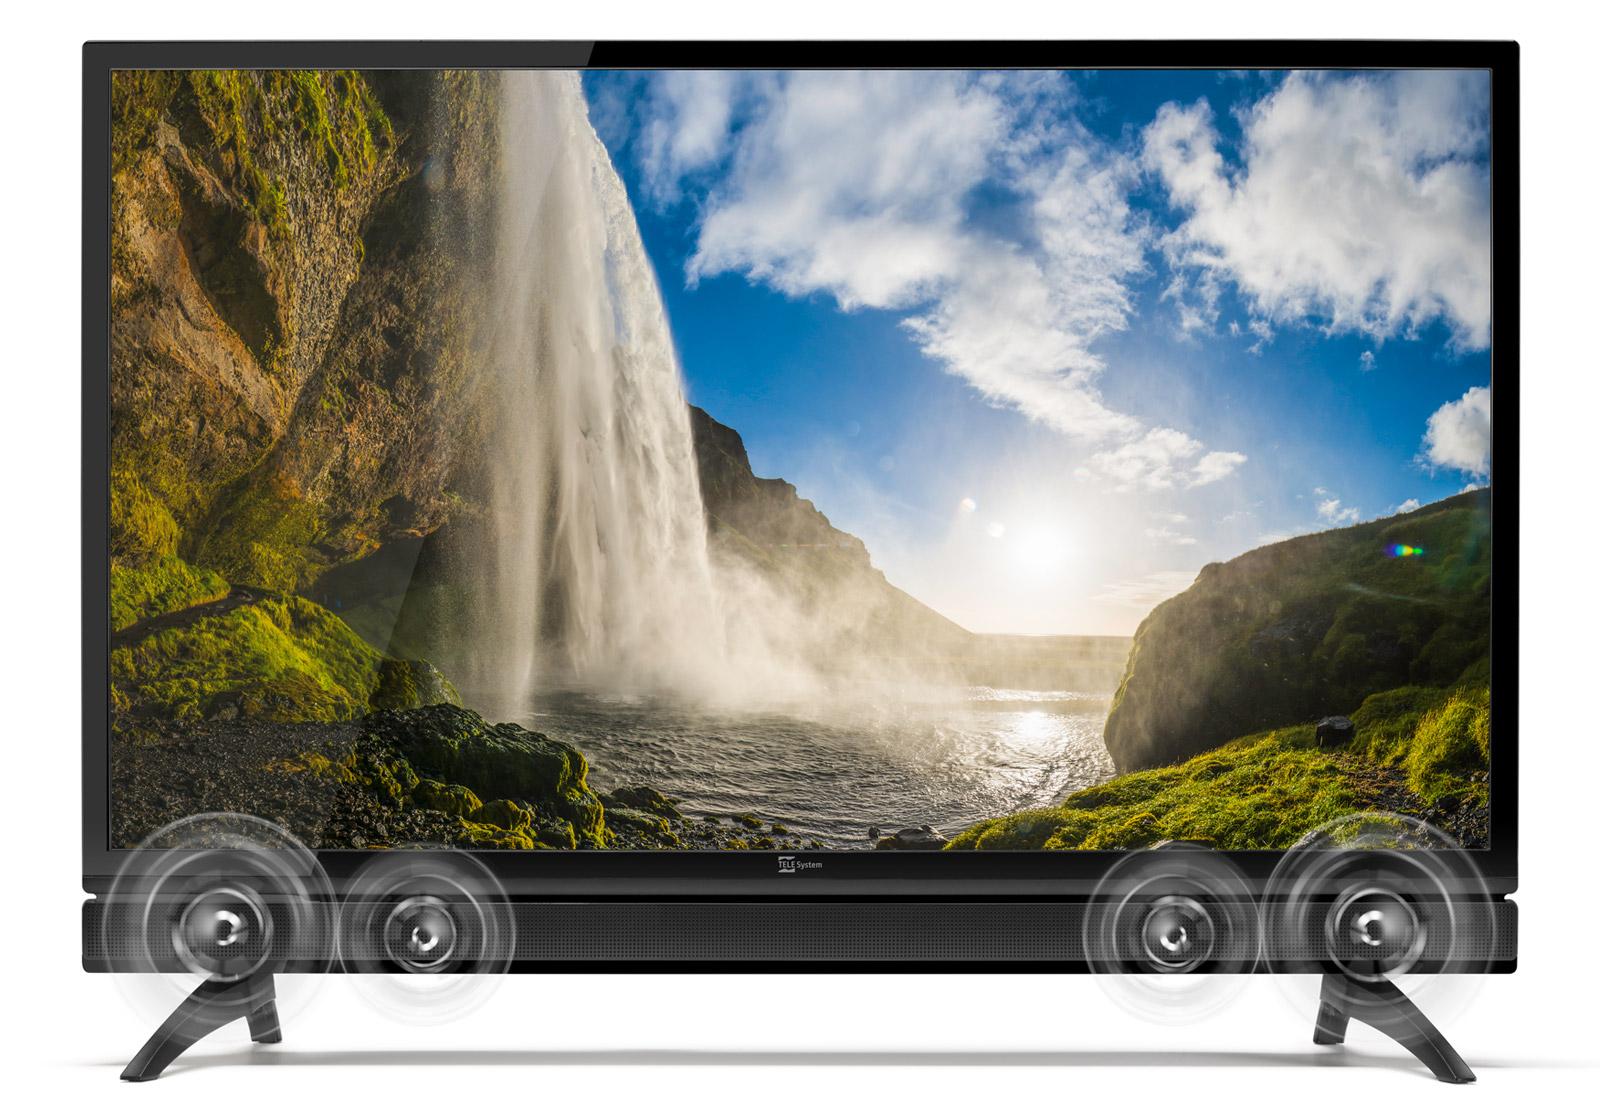 TV 32 pollici con soundbar integrata